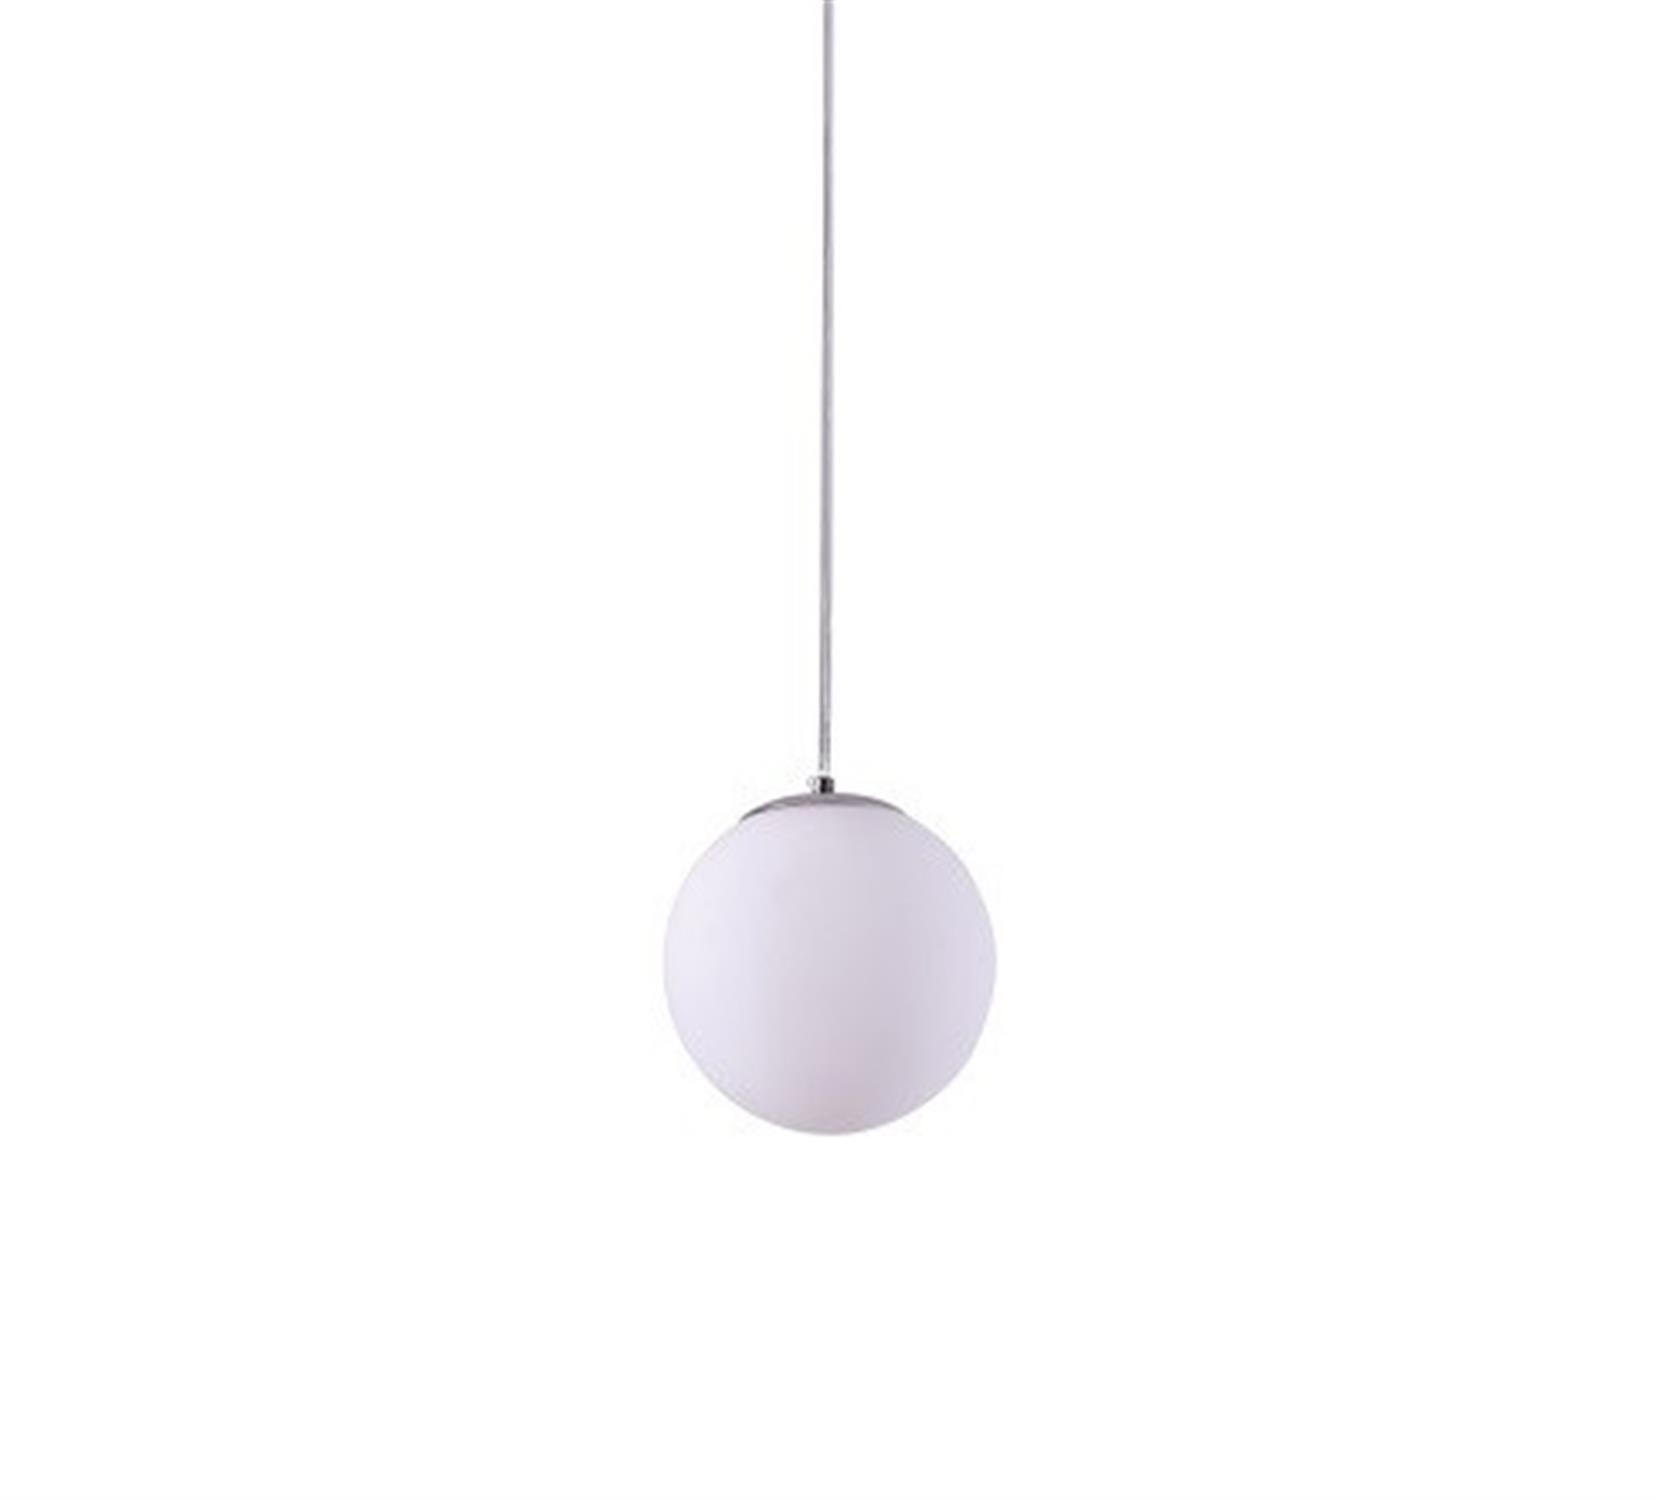 Φωτιστικό οροφής μονόφωτο μεταλλικό χρωμίου με χειροποίητη οπαλίνα λευκή Alessia 15x120cm Home Lighting 77-3709